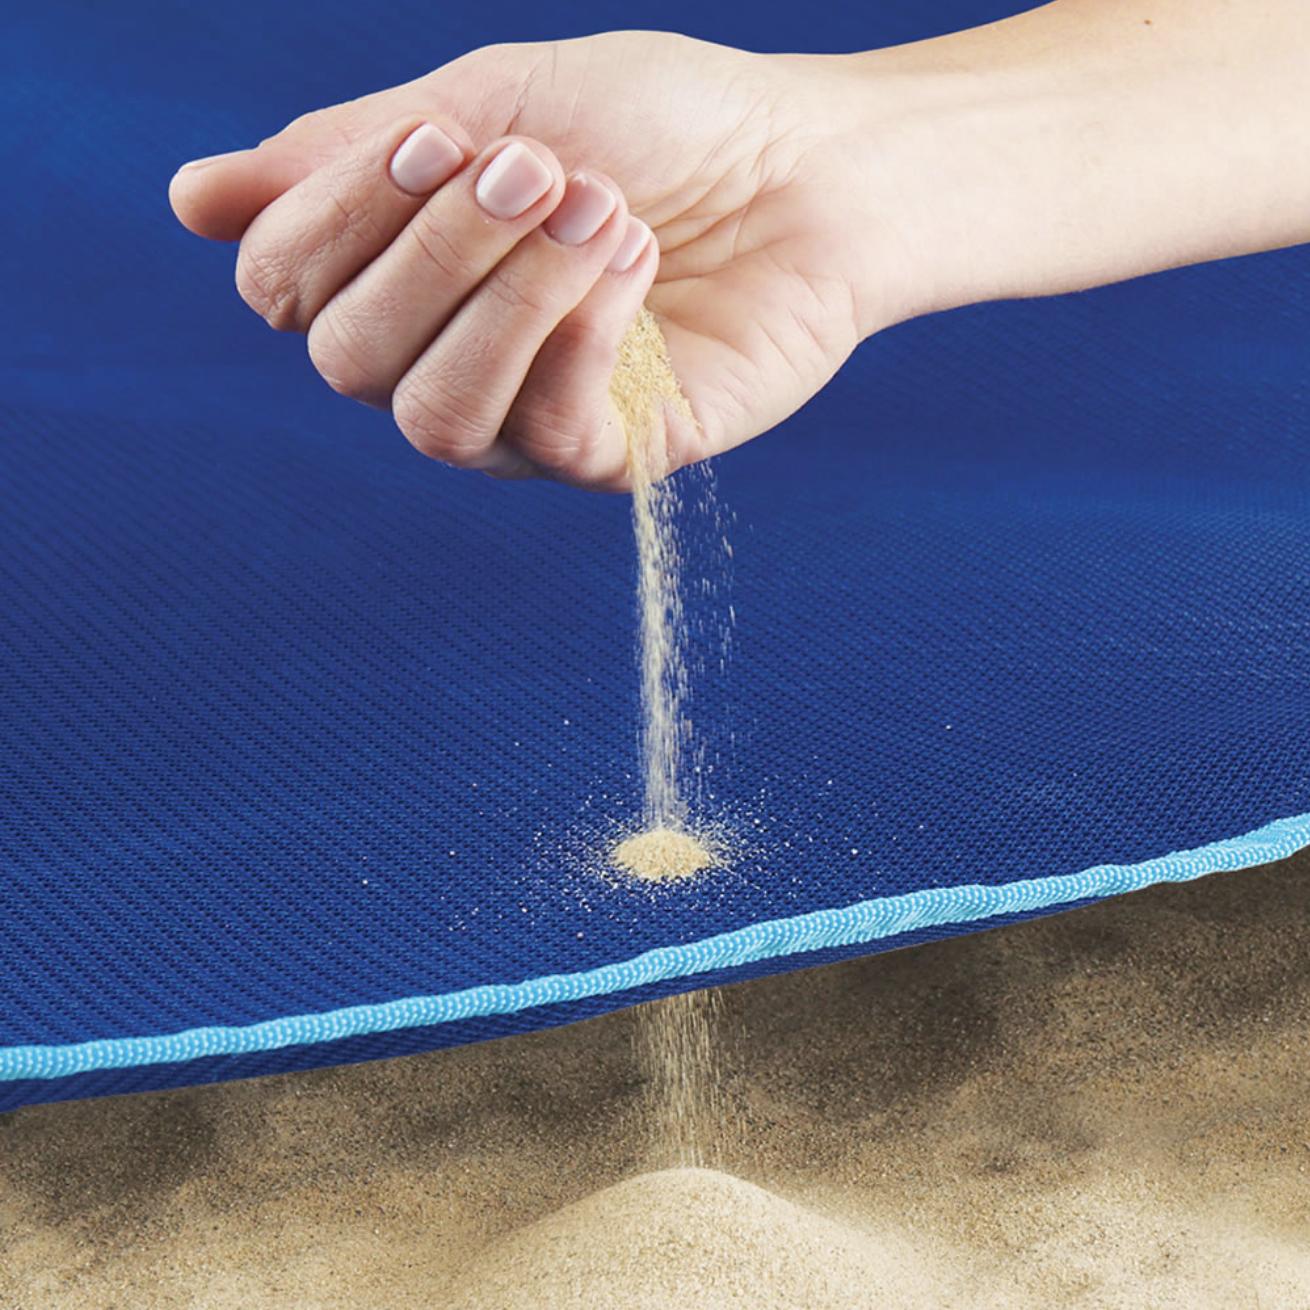 Hammacher SchlemmerFour Person Sandless Beach Mat